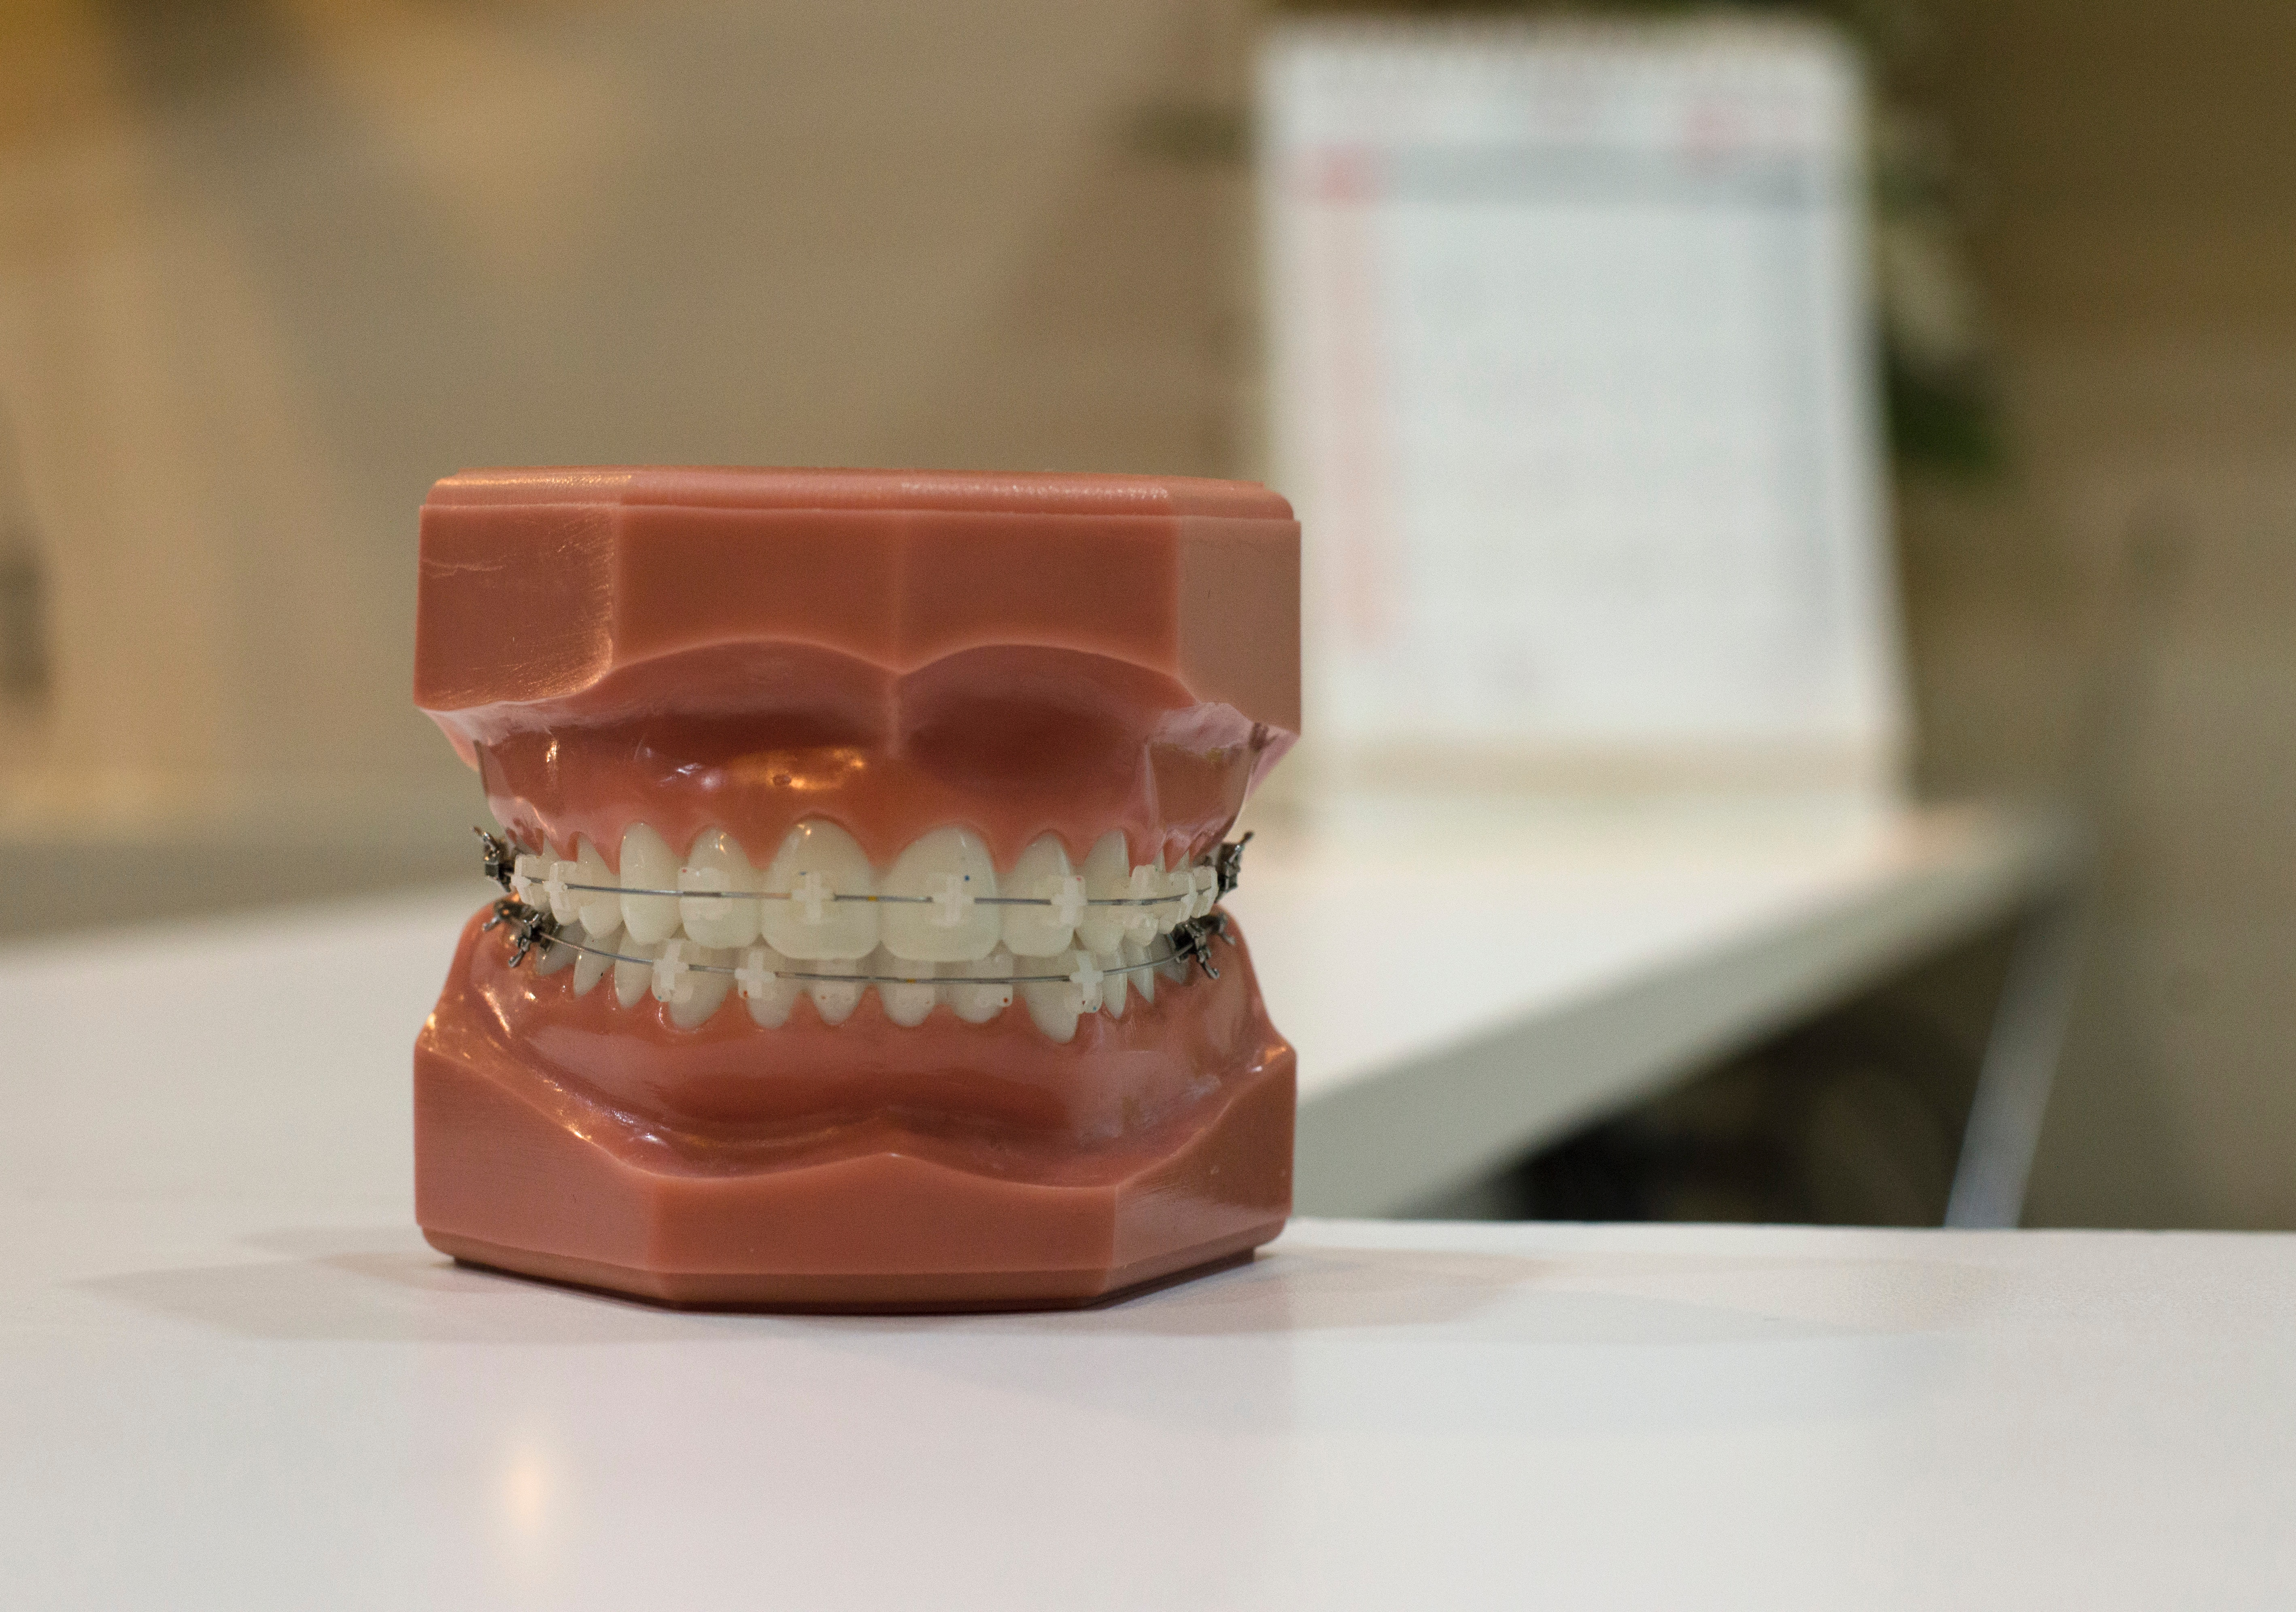 Do Adult Teeth Still Shift?